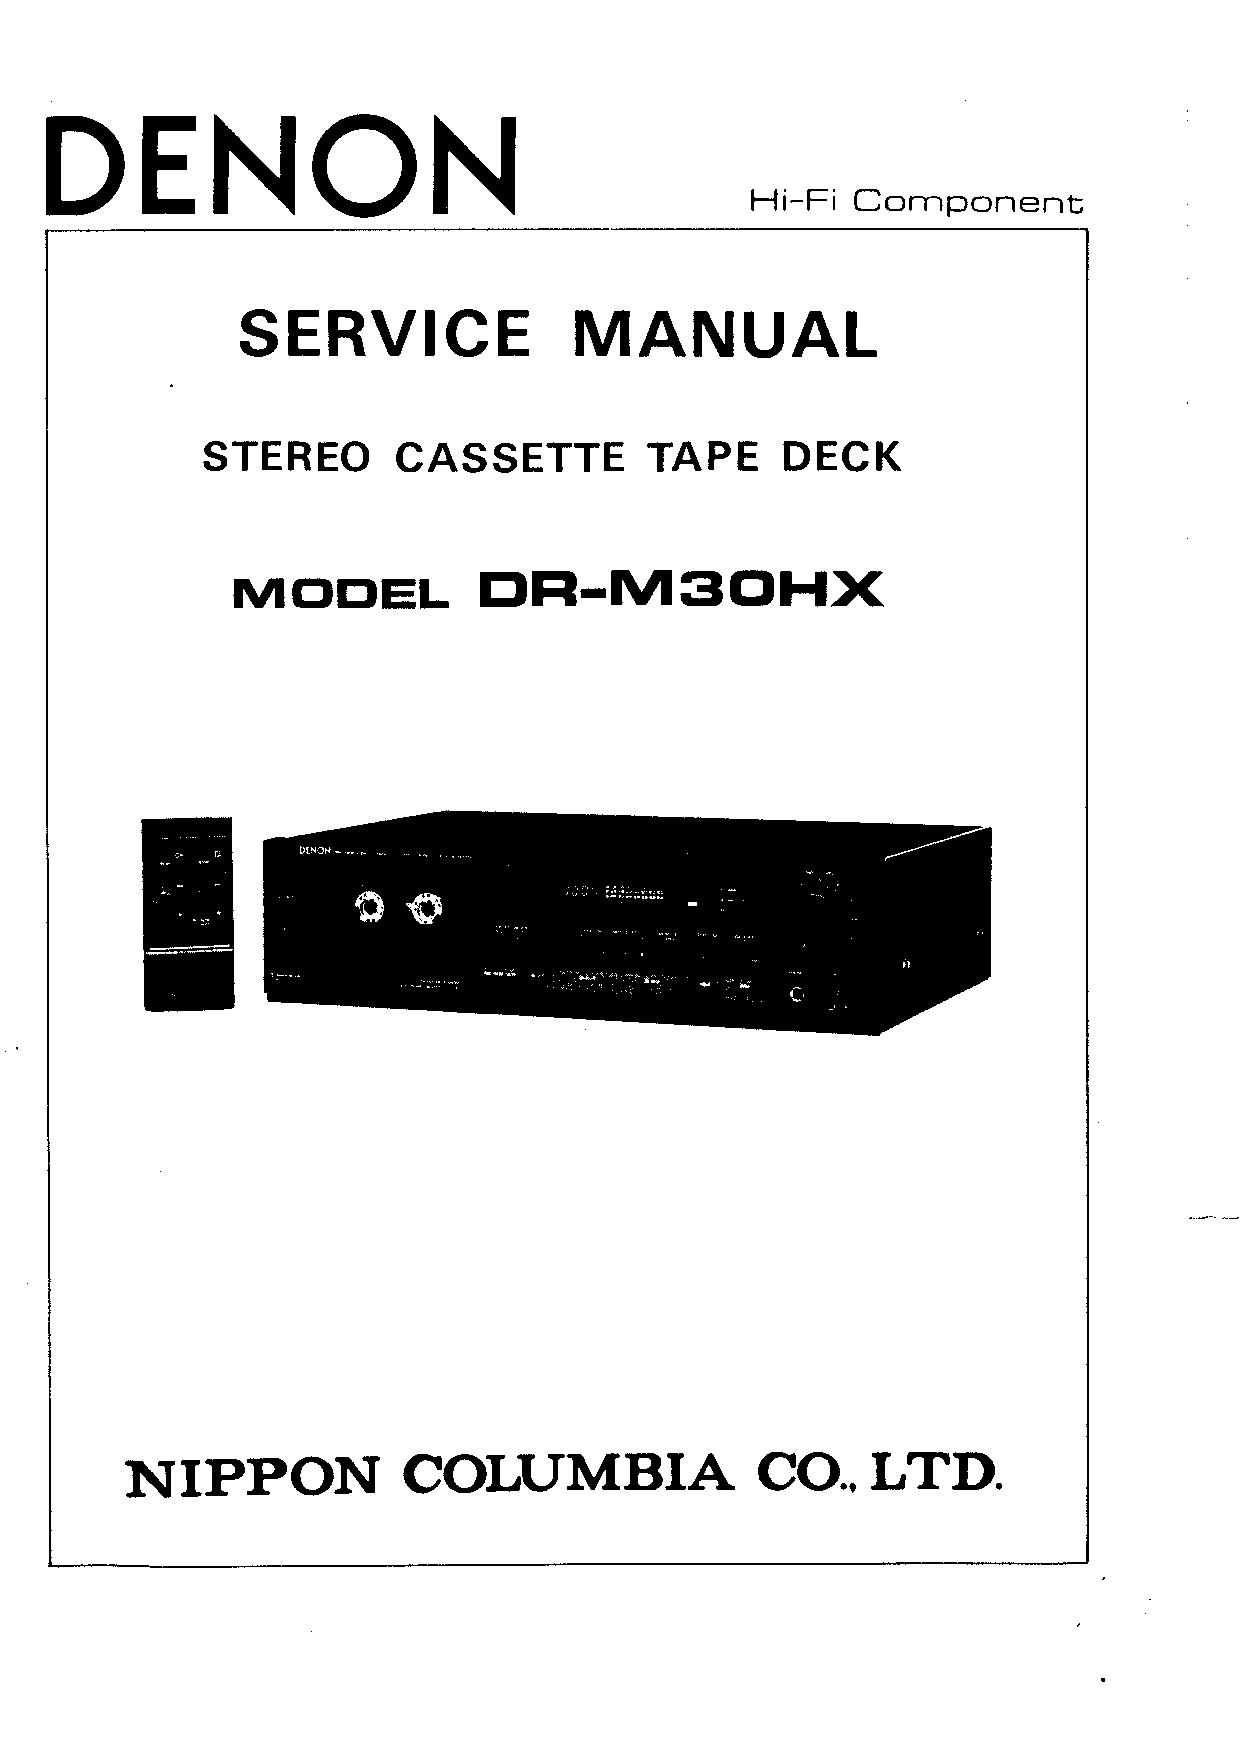 Denon DR-M30HX Service Manual